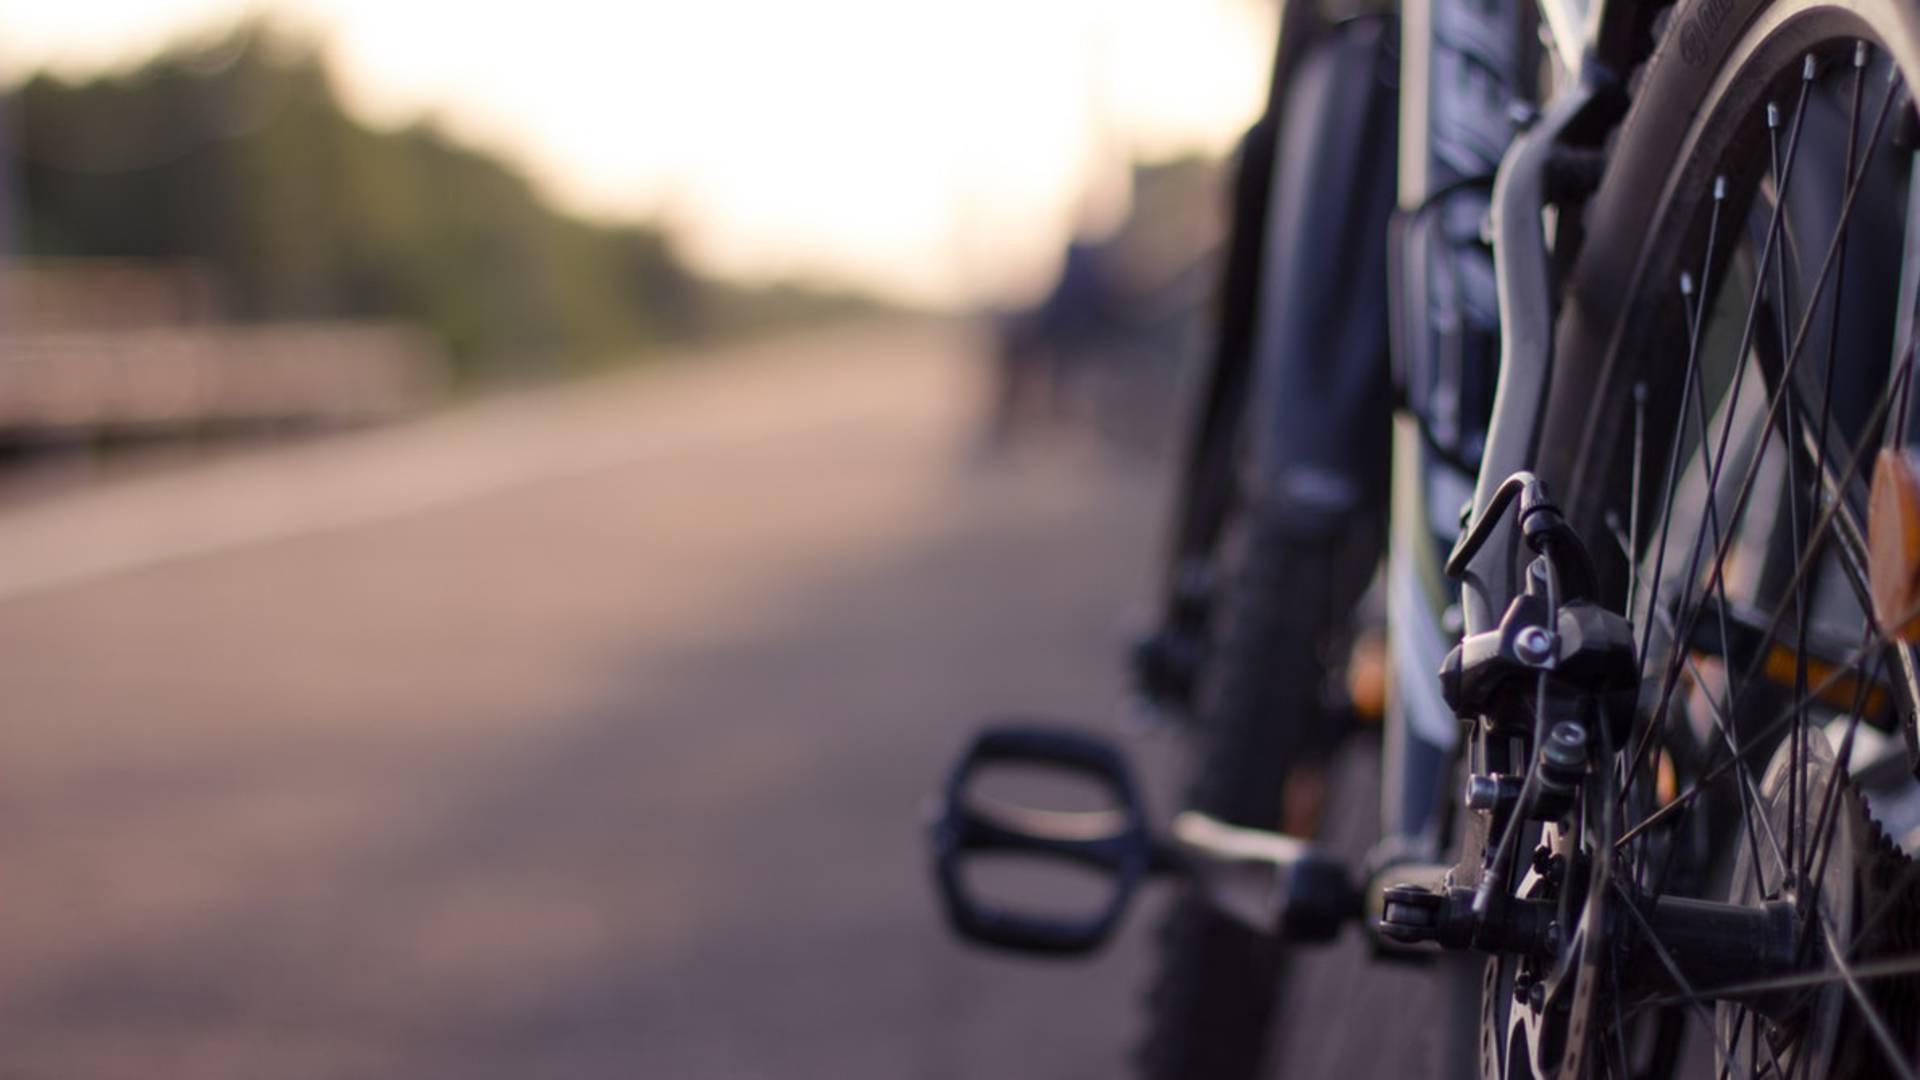 Semaine fédérale de cyclotourisme - cyclotourisme Vosges - Vélo Vosges - Animation vélo Epinal